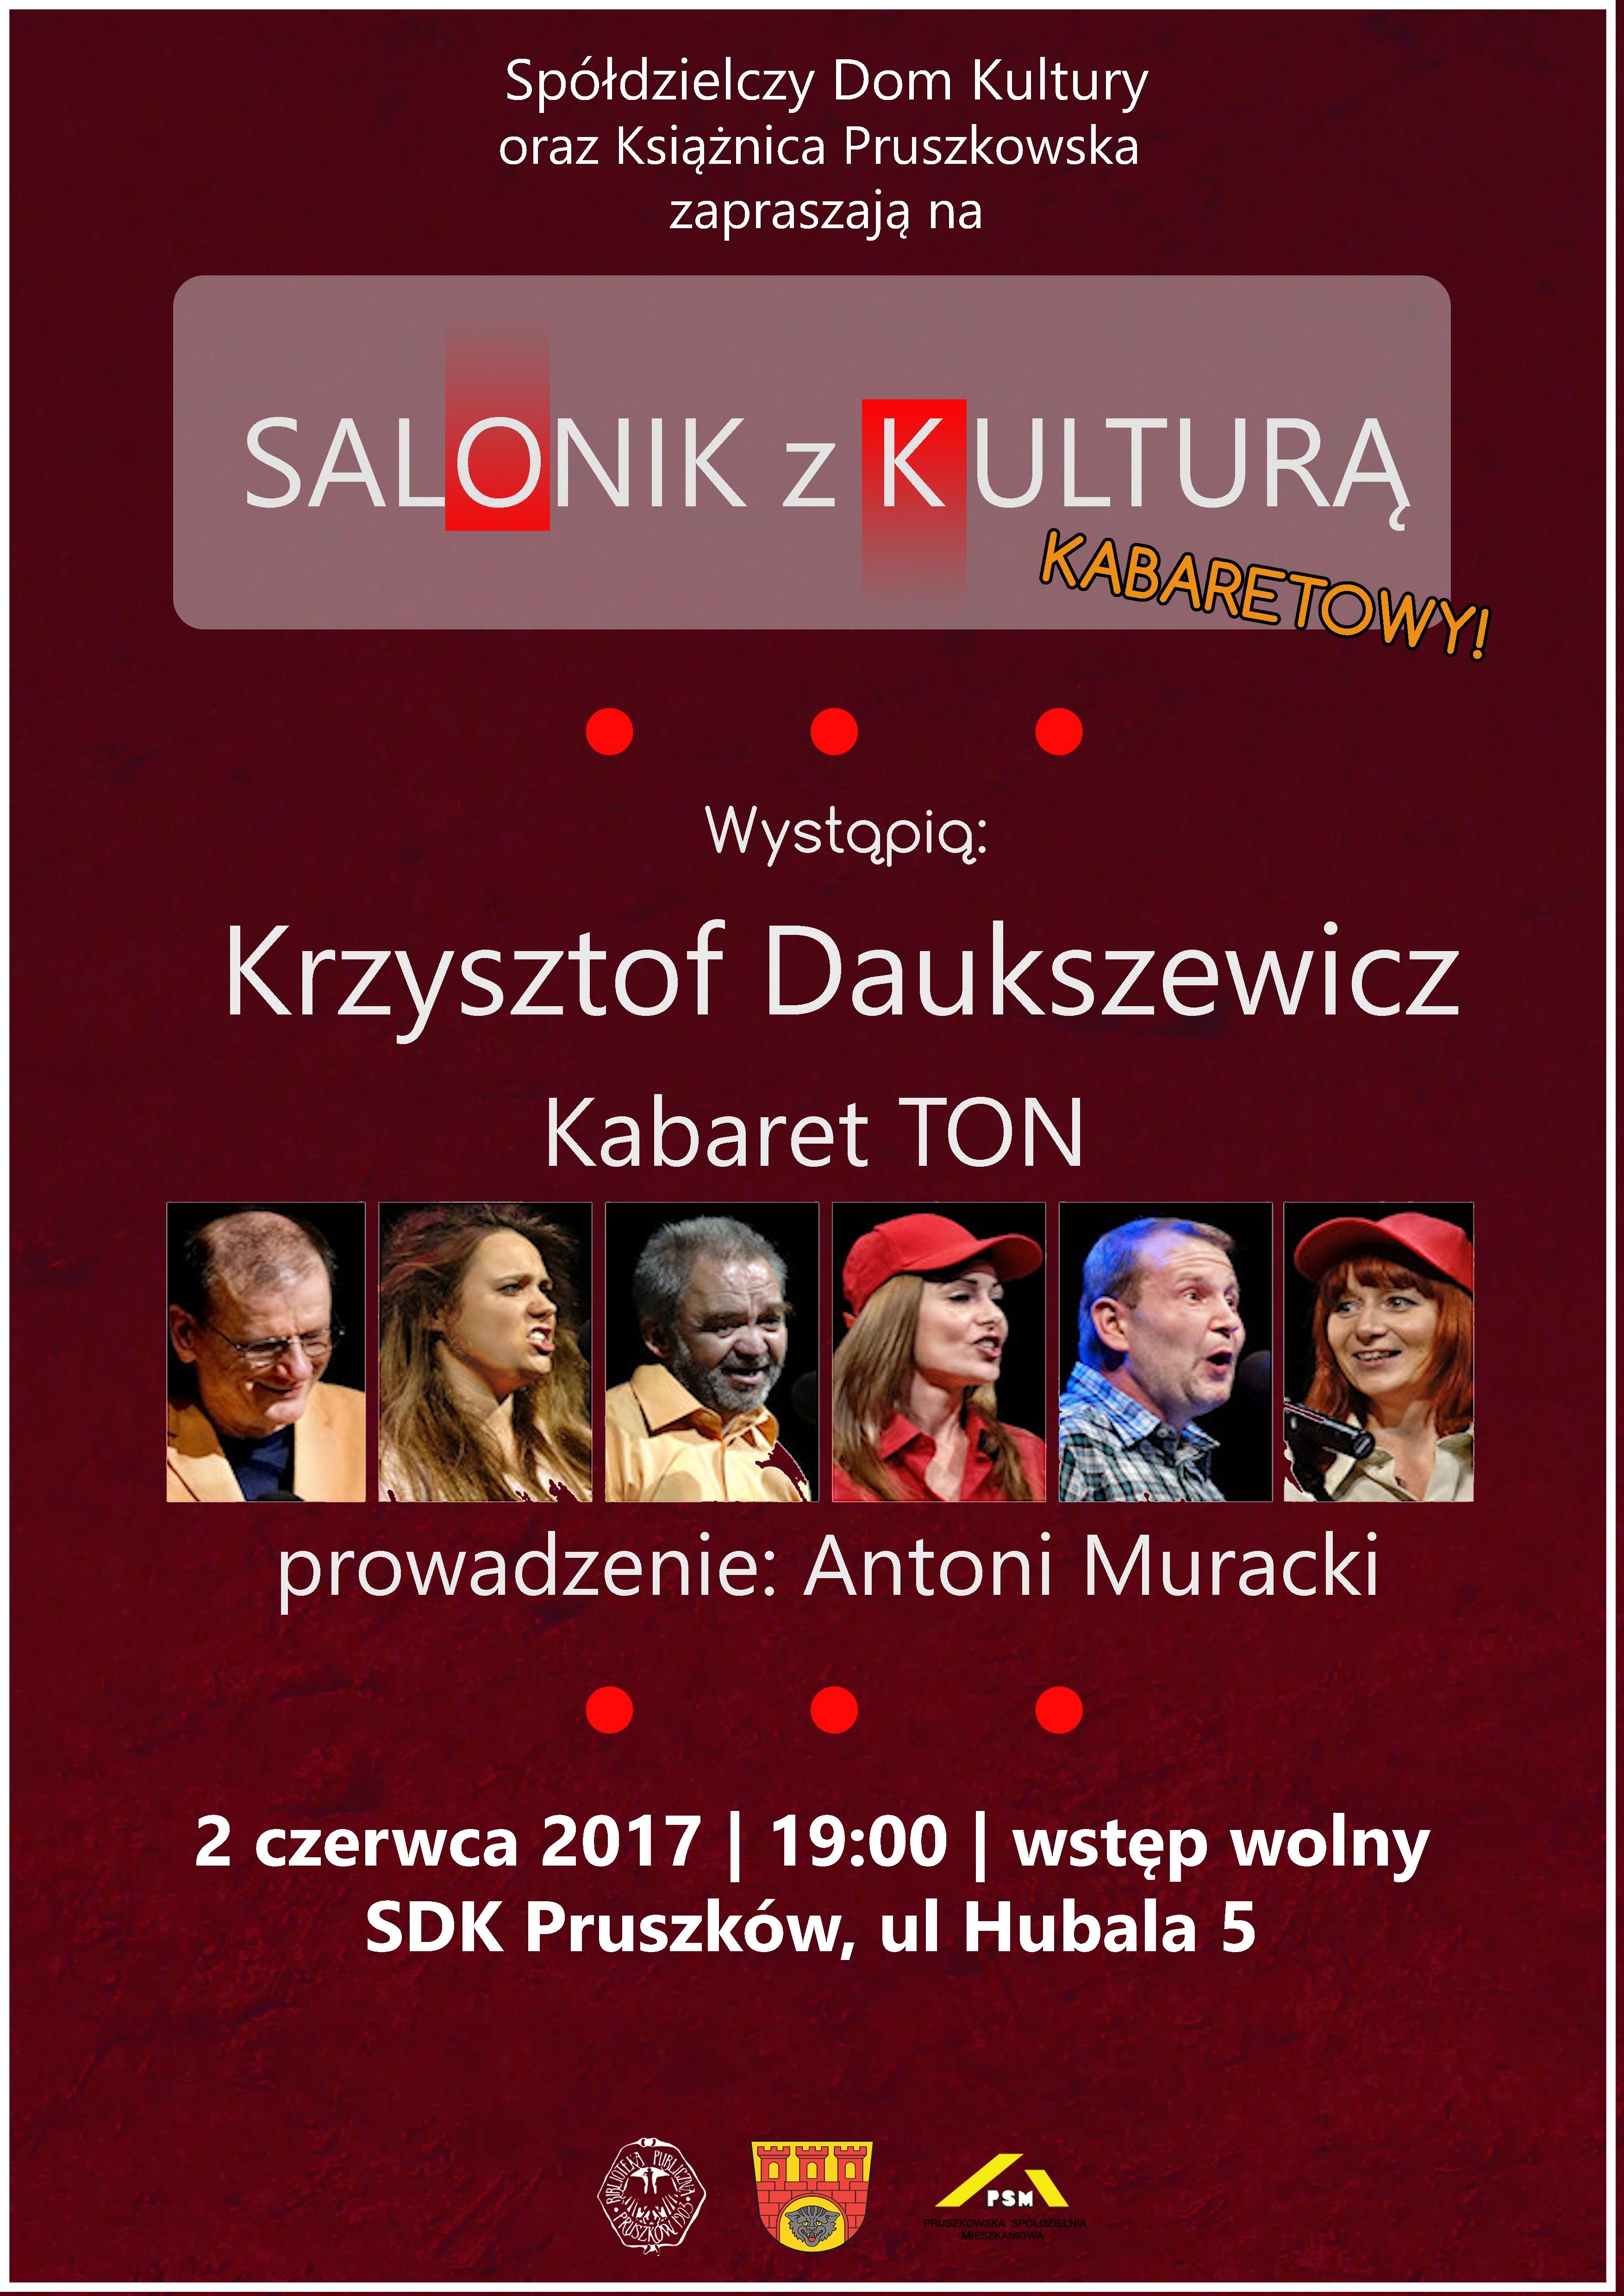 W Pruszkowie kultura świętuje kabaretowo